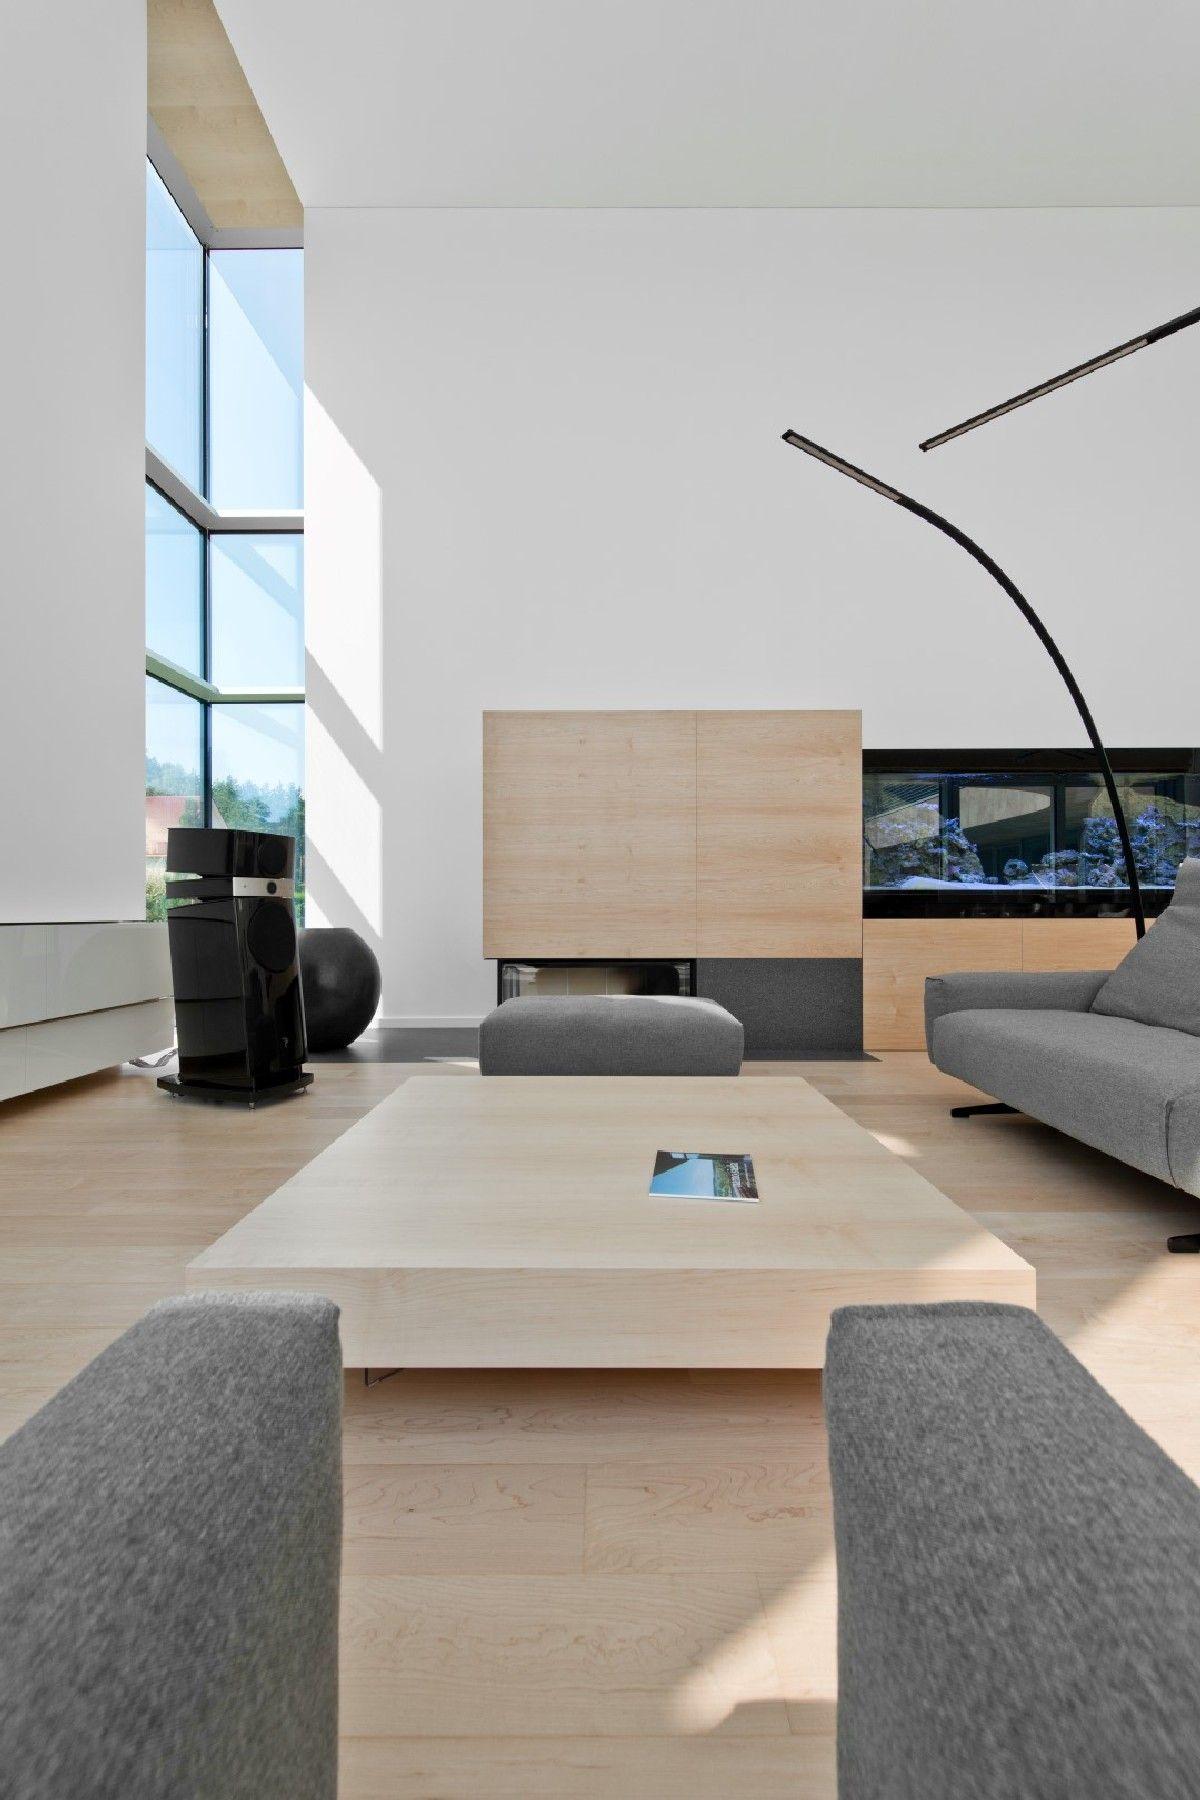 Innenarchitektur für küchenschrank interior design  wohnen  pinterest  wohnen